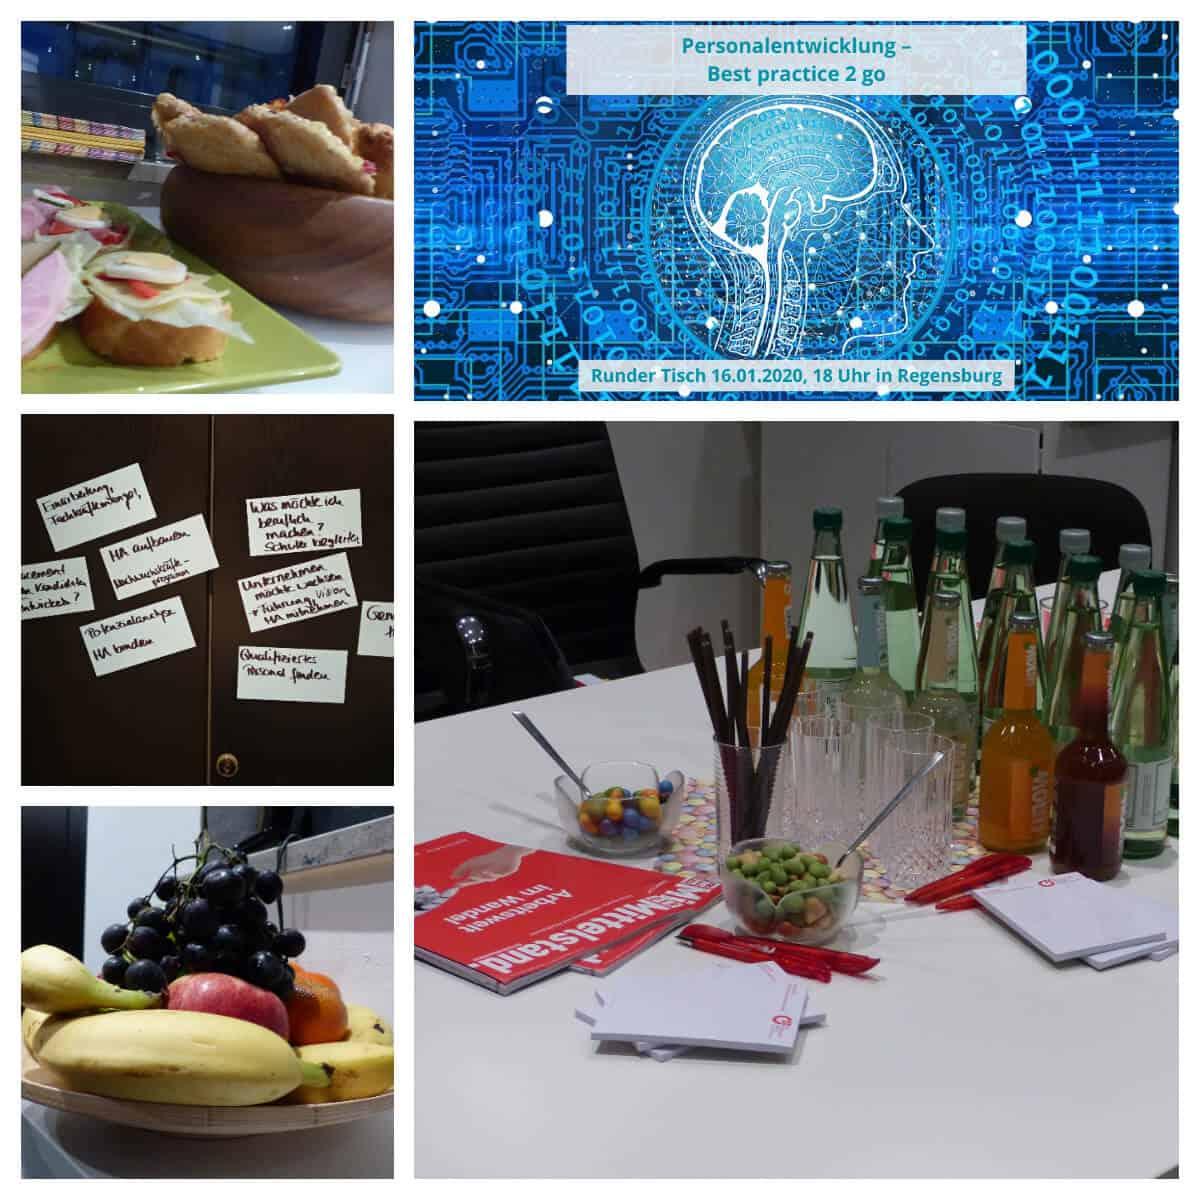 lernglust organisiert gemeinsam mit dem bvmw einen runden Tisch für Personalentwicklung